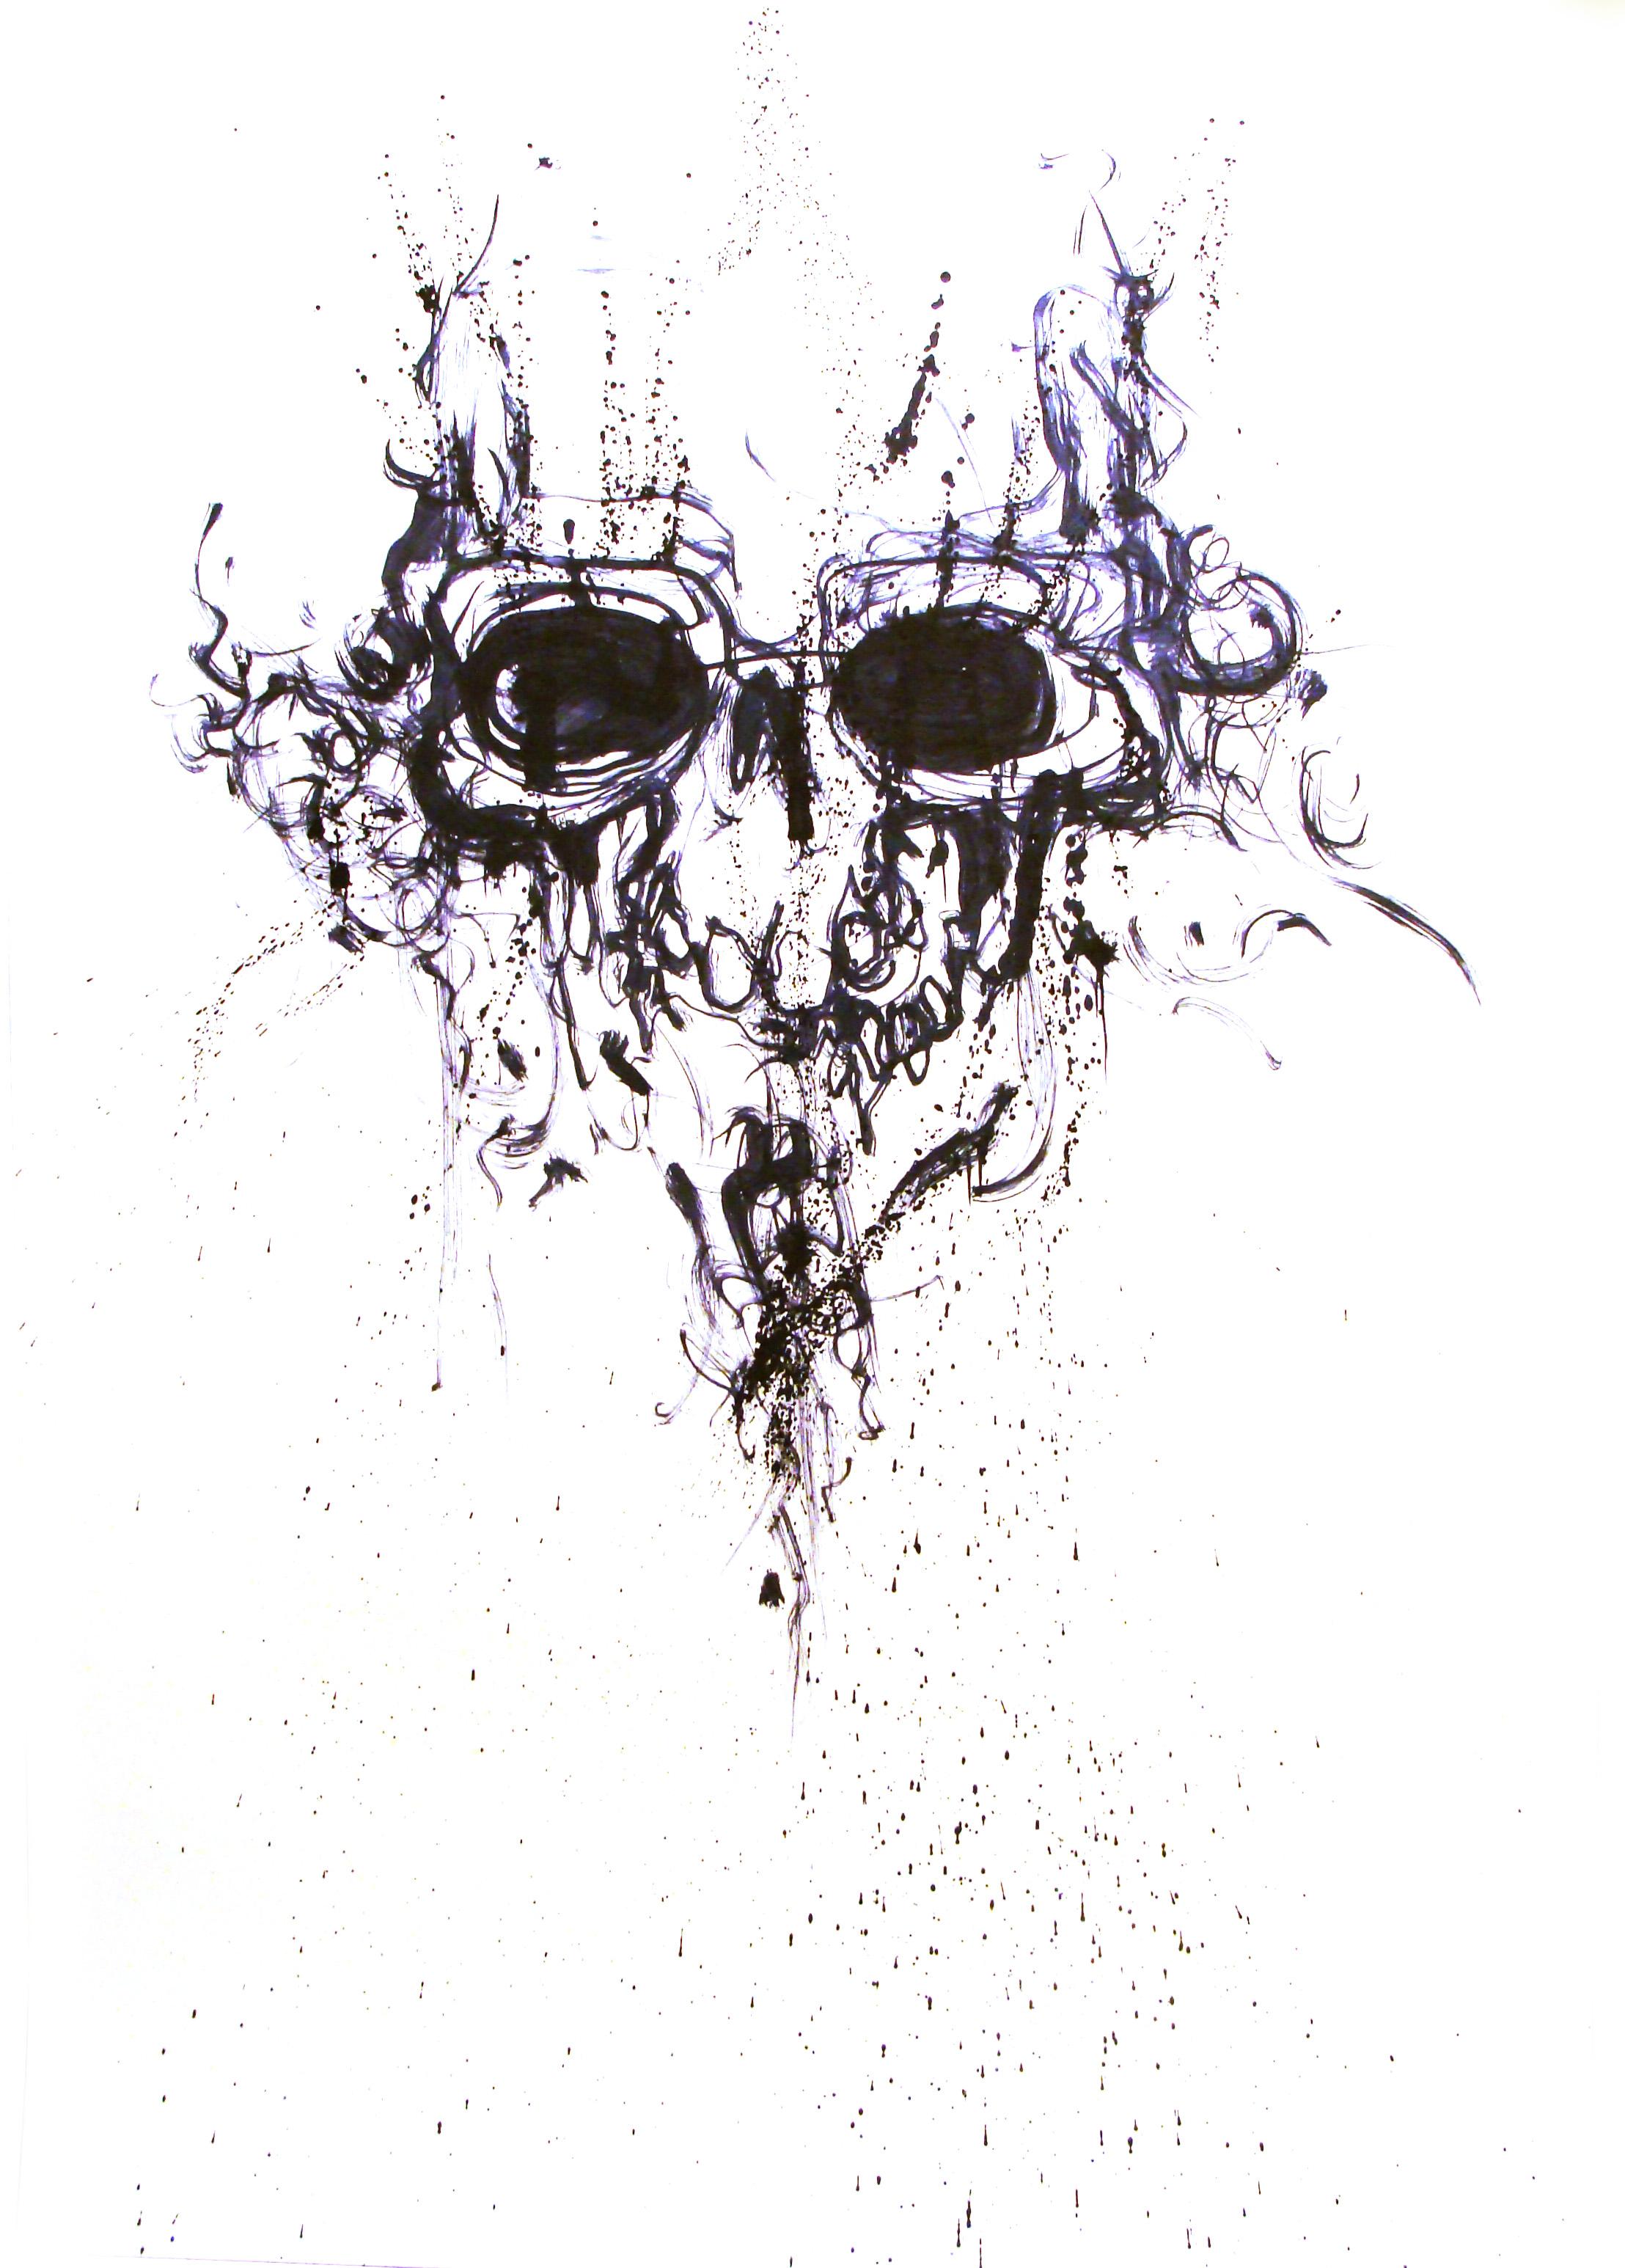 Janvier 2012 - Encre sur affiche - 70 x 100 -Crâne d'encre